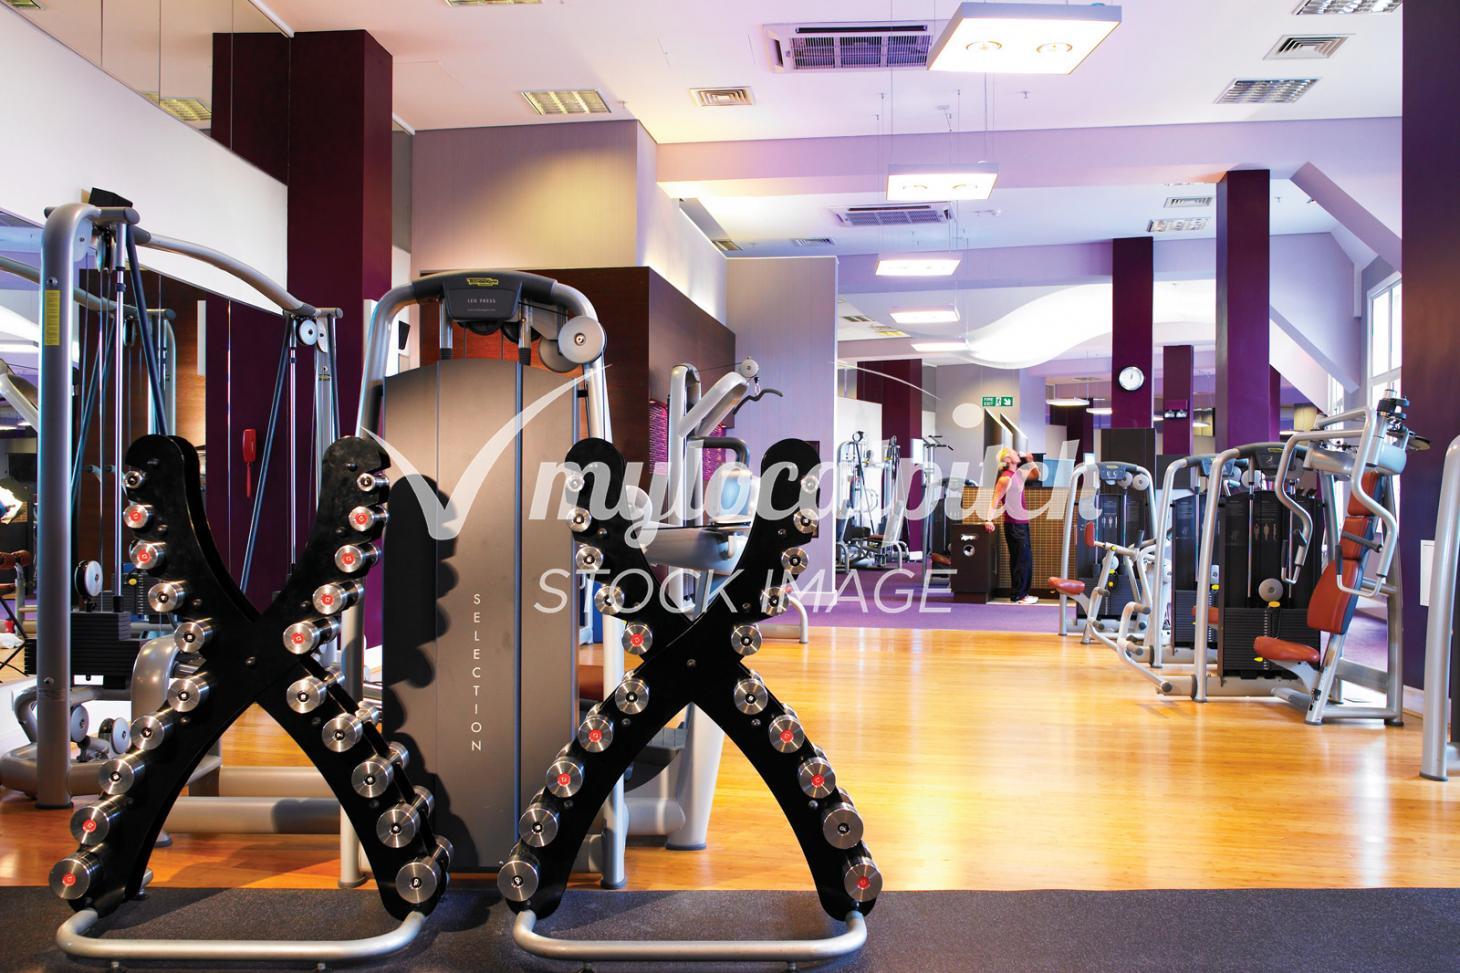 Virgin Active Bromley Gym gym